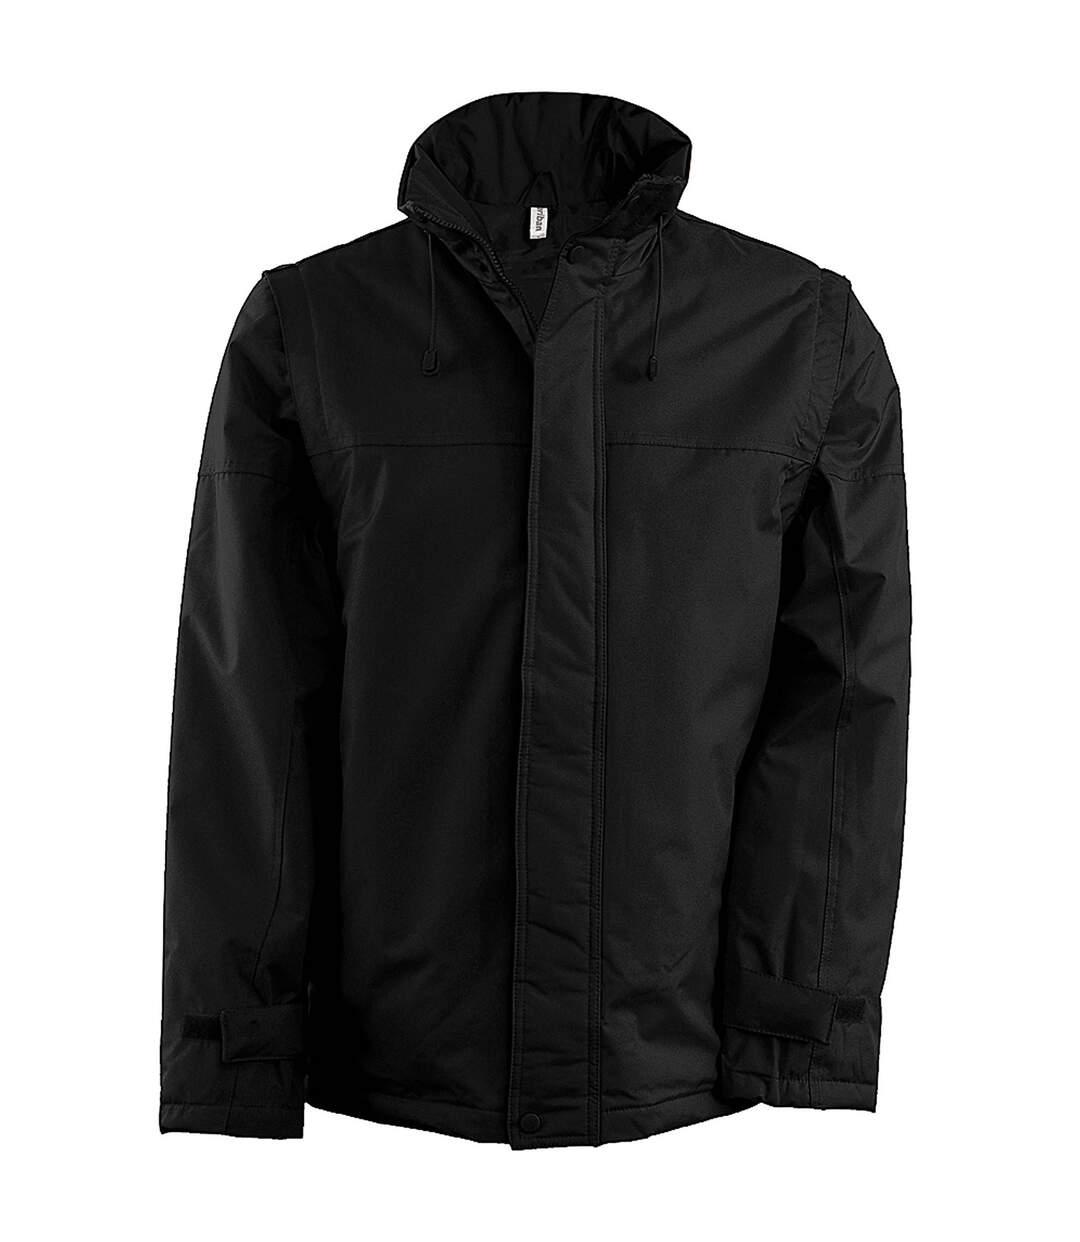 Kariban Mens Zip-Off Sleeve Jacket (Black/Black) - UTRW734